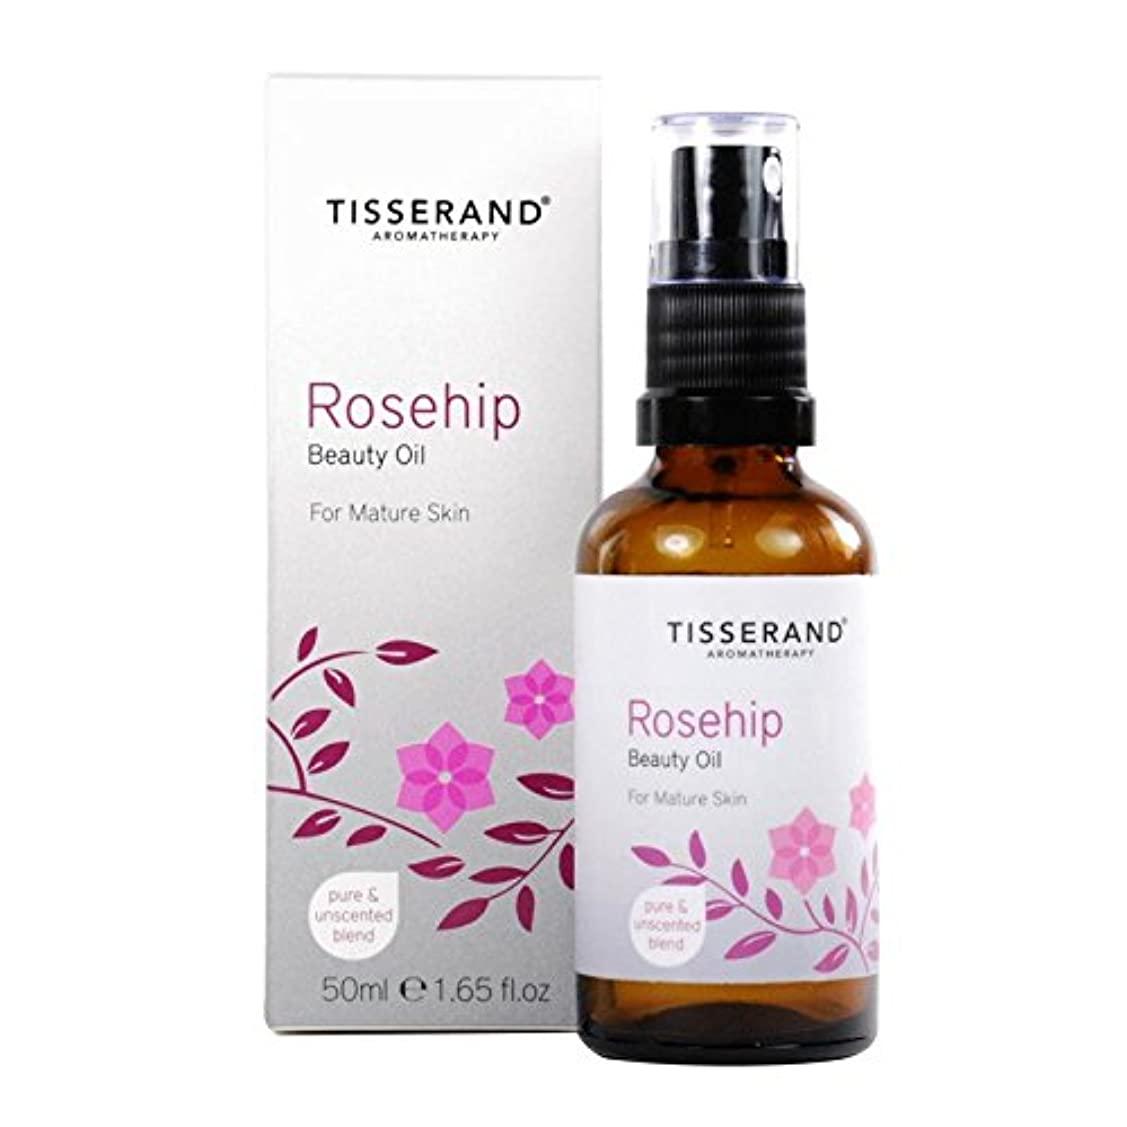 ティスランドローズヒップ美容オイル50ミリリットル x2 - Tisserand Rosehip Beauty Oil 50ml (Pack of 2) [並行輸入品]